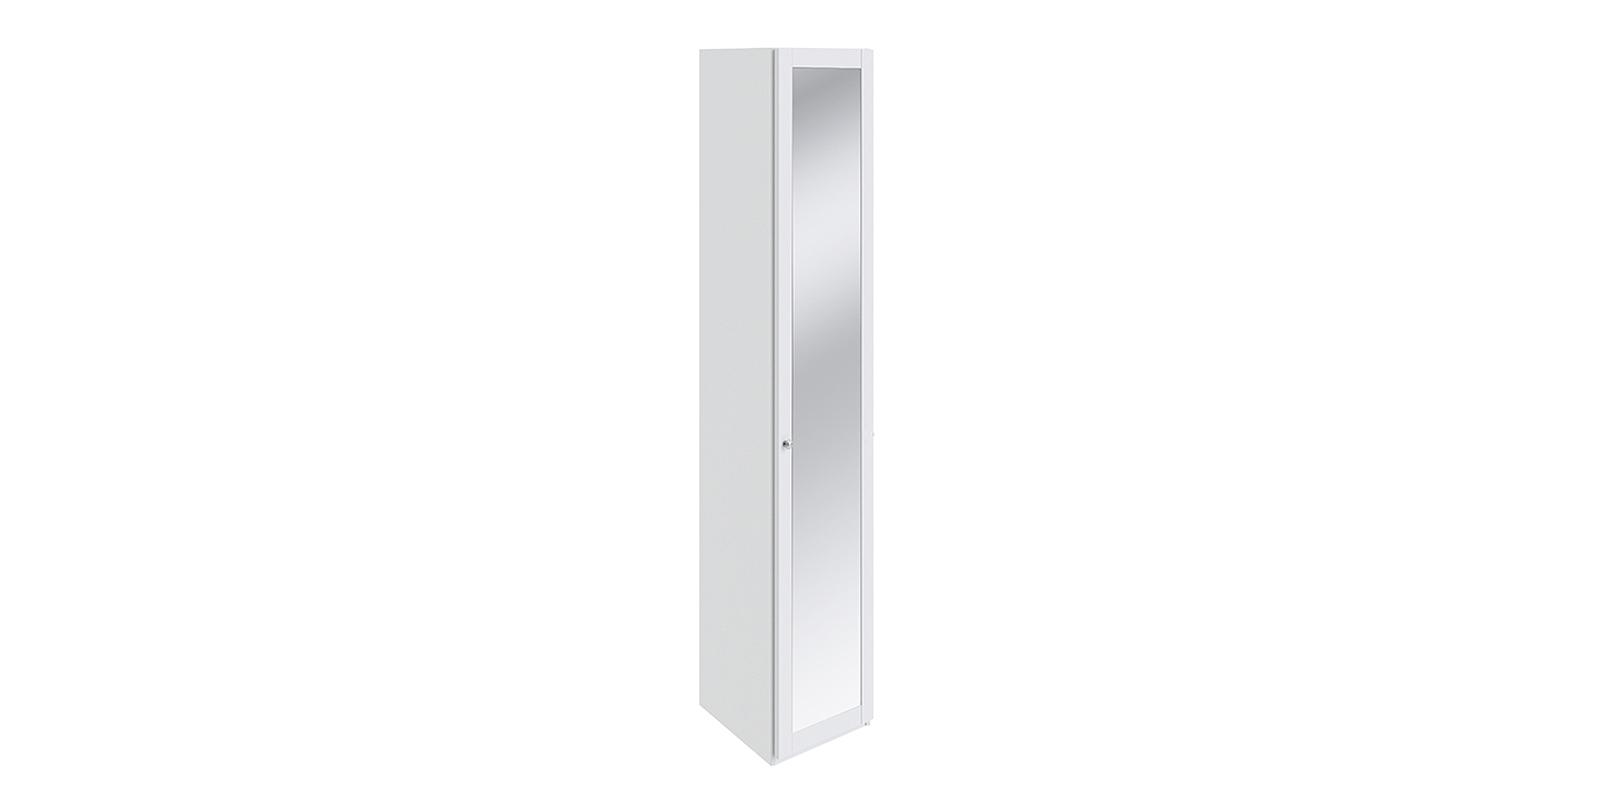 Шкаф распашной однодверный Мерида вариант №6 торцевой (белый/зеркало)